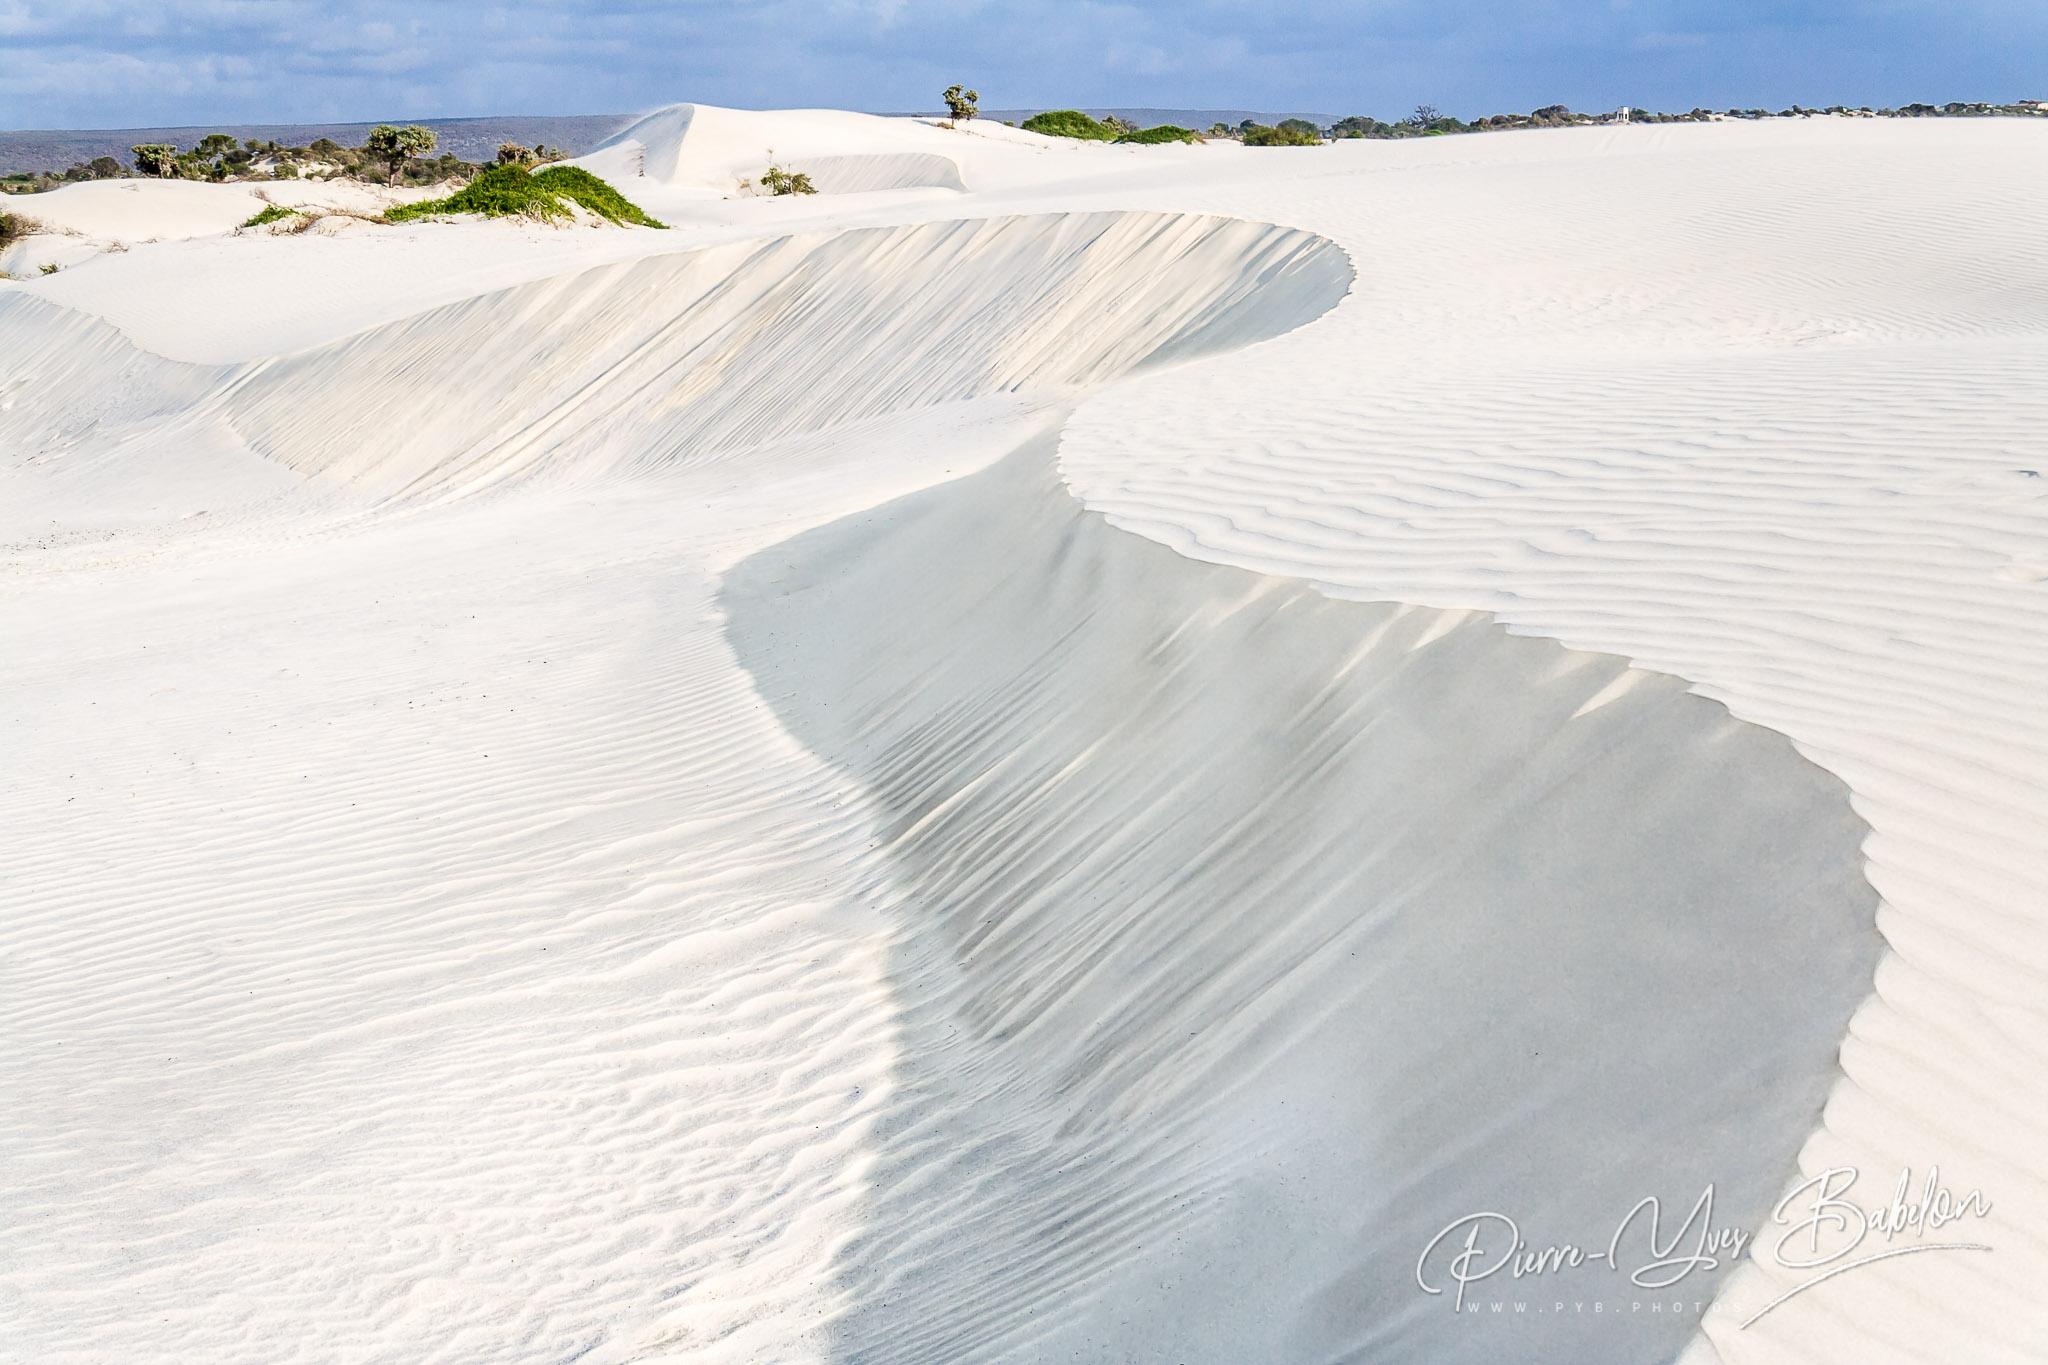 Dune on a wild beach